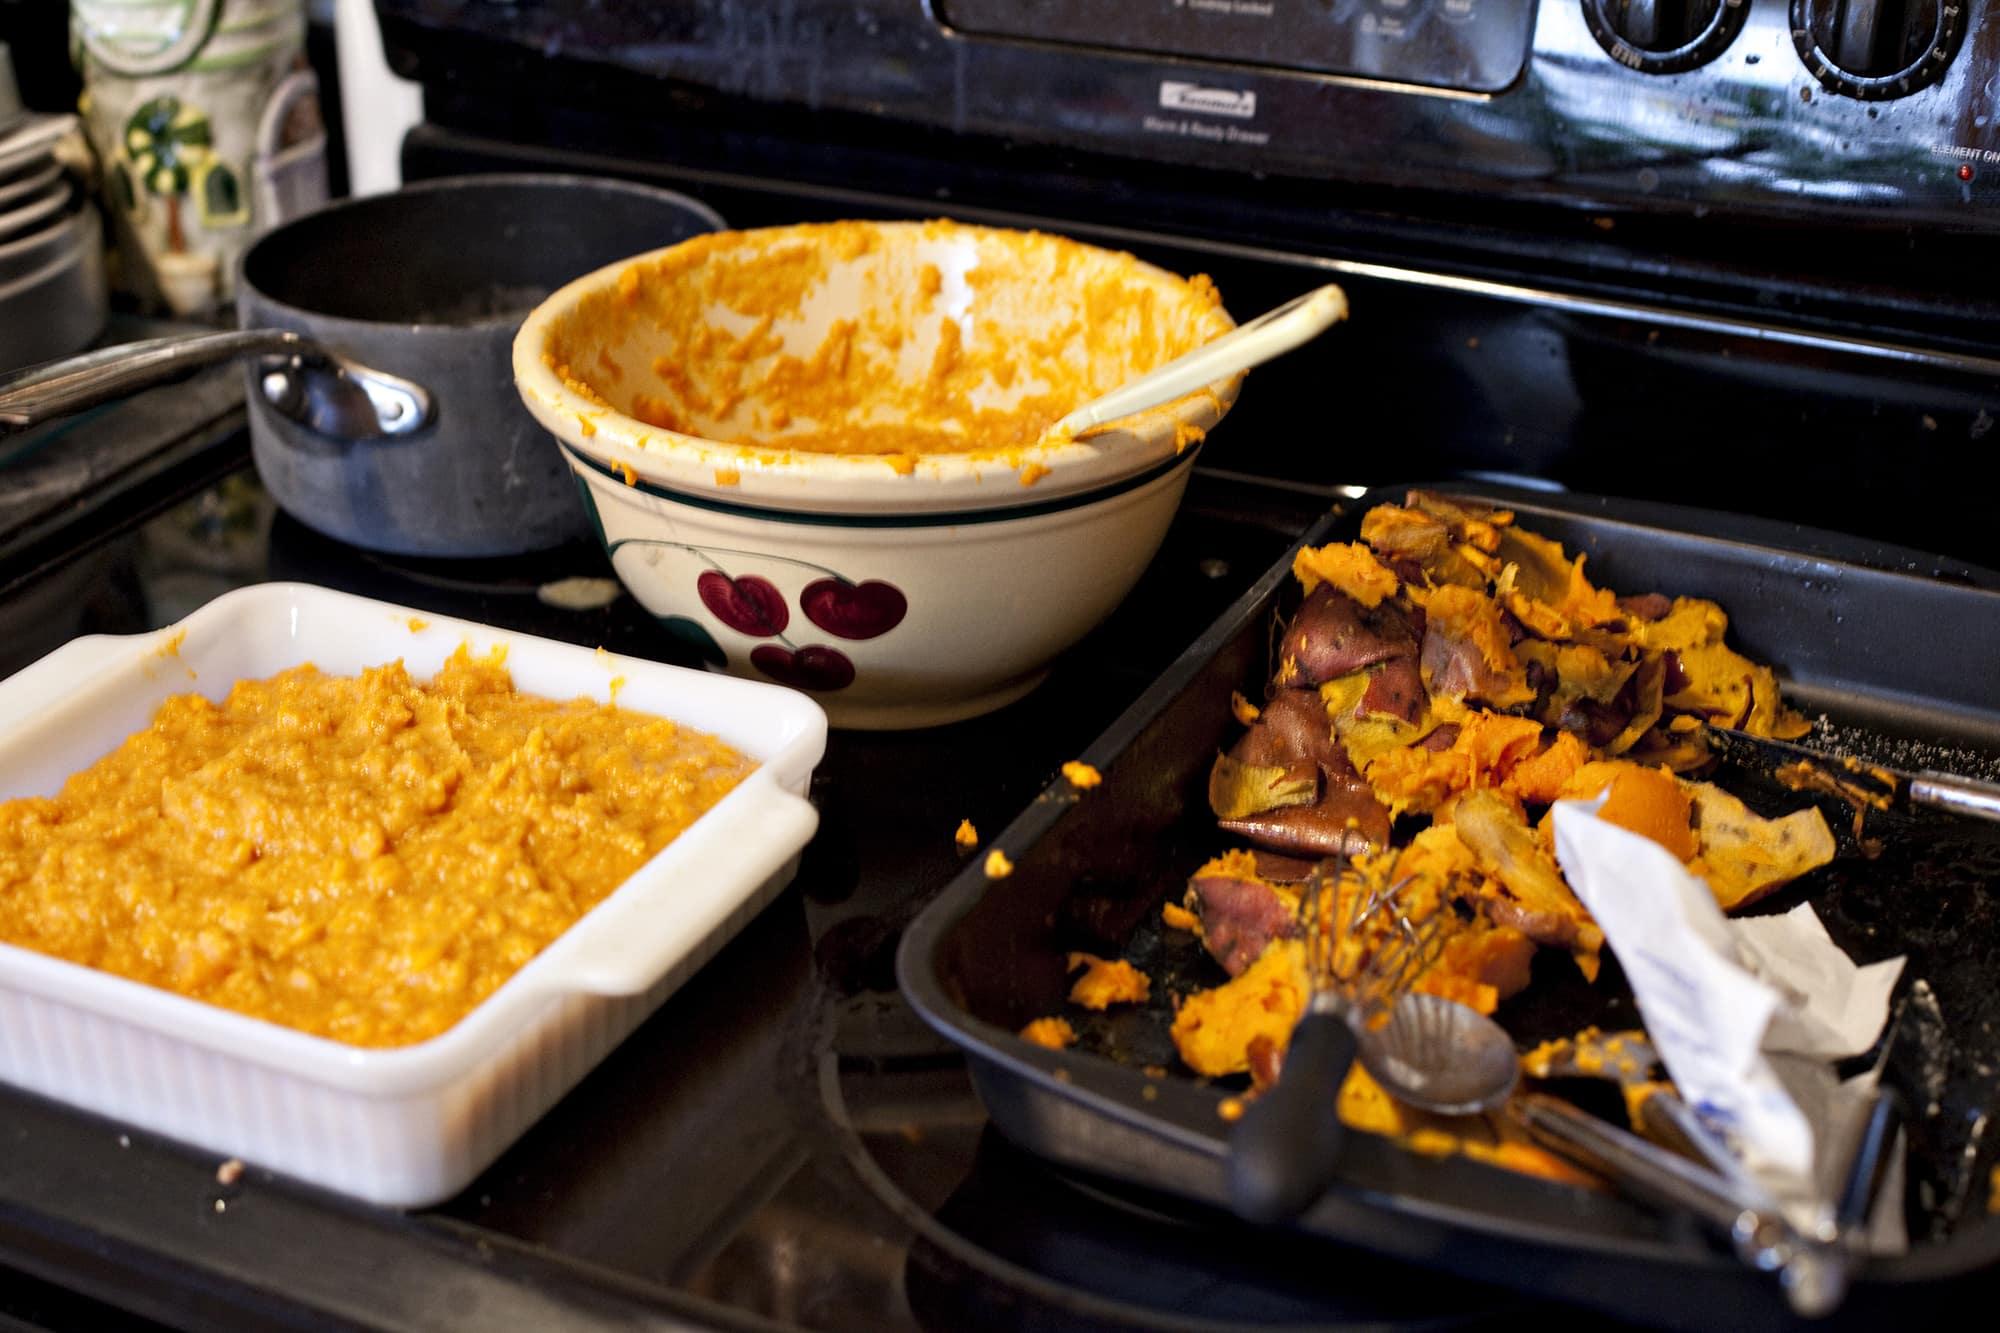 Cooking Thanksgiving Dinner - Making Sweet Potatoes